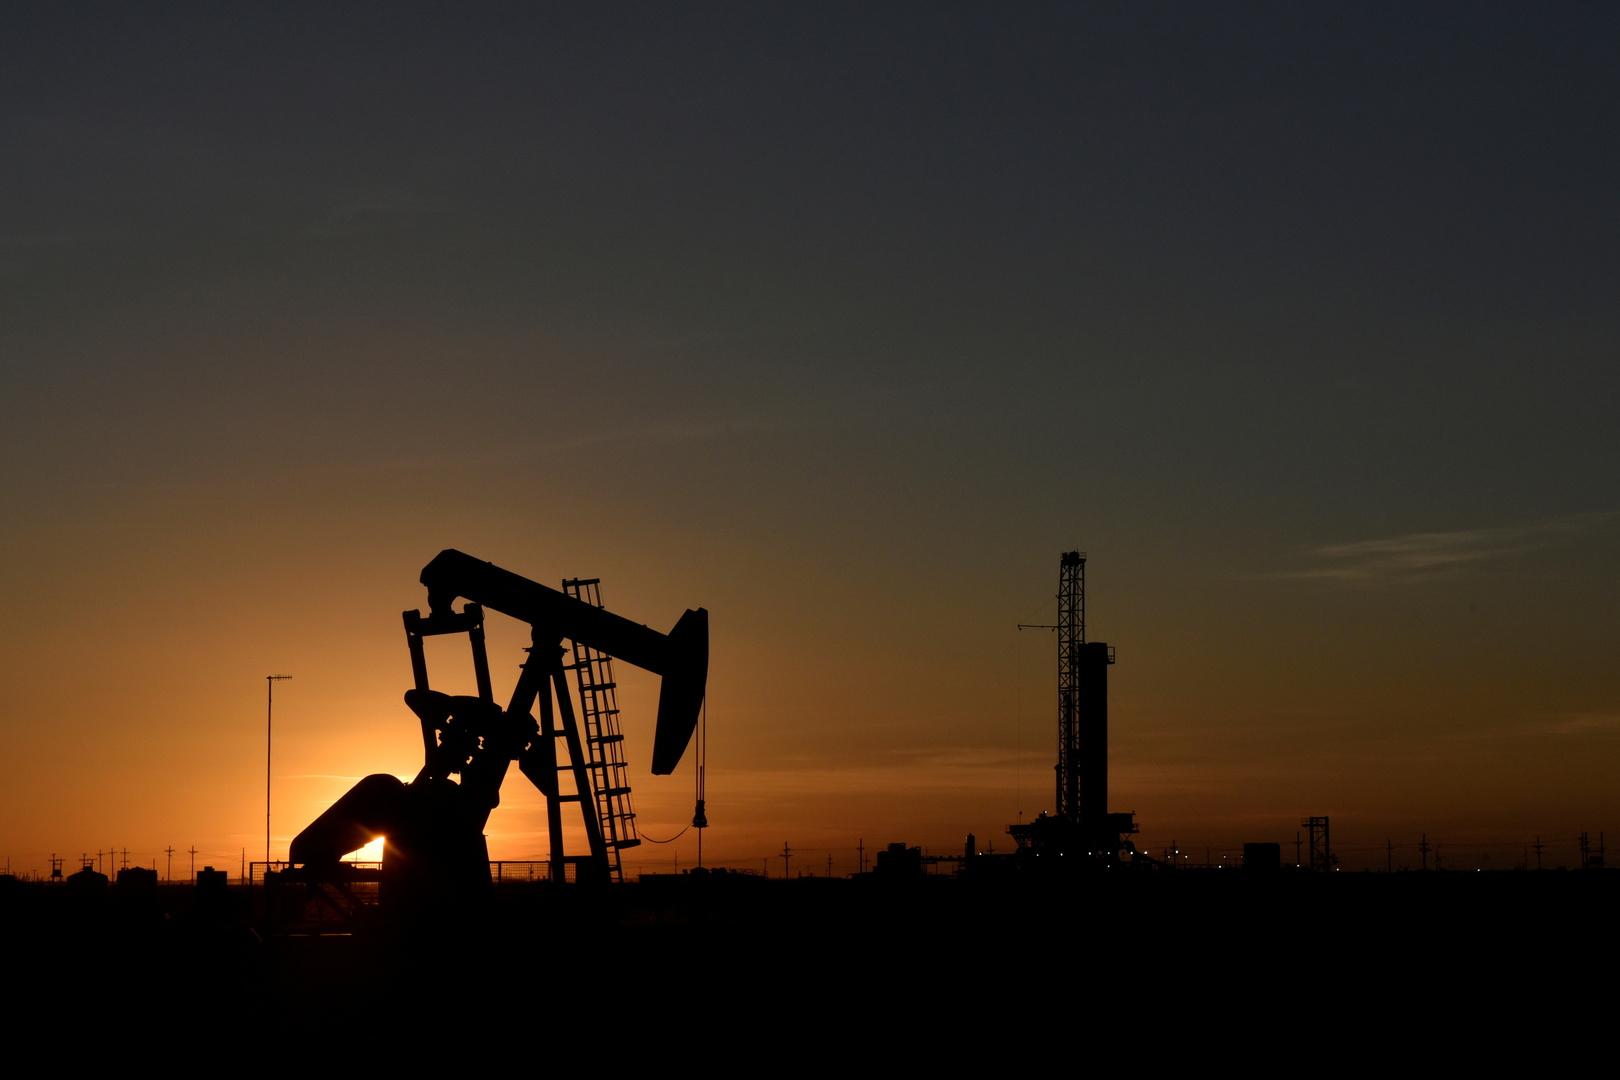 النفط يقفز إلى أعلى مستوياته في عدة سنوات والسعودية ترفع أسعار بيع نفطها الرسمية لآسيا